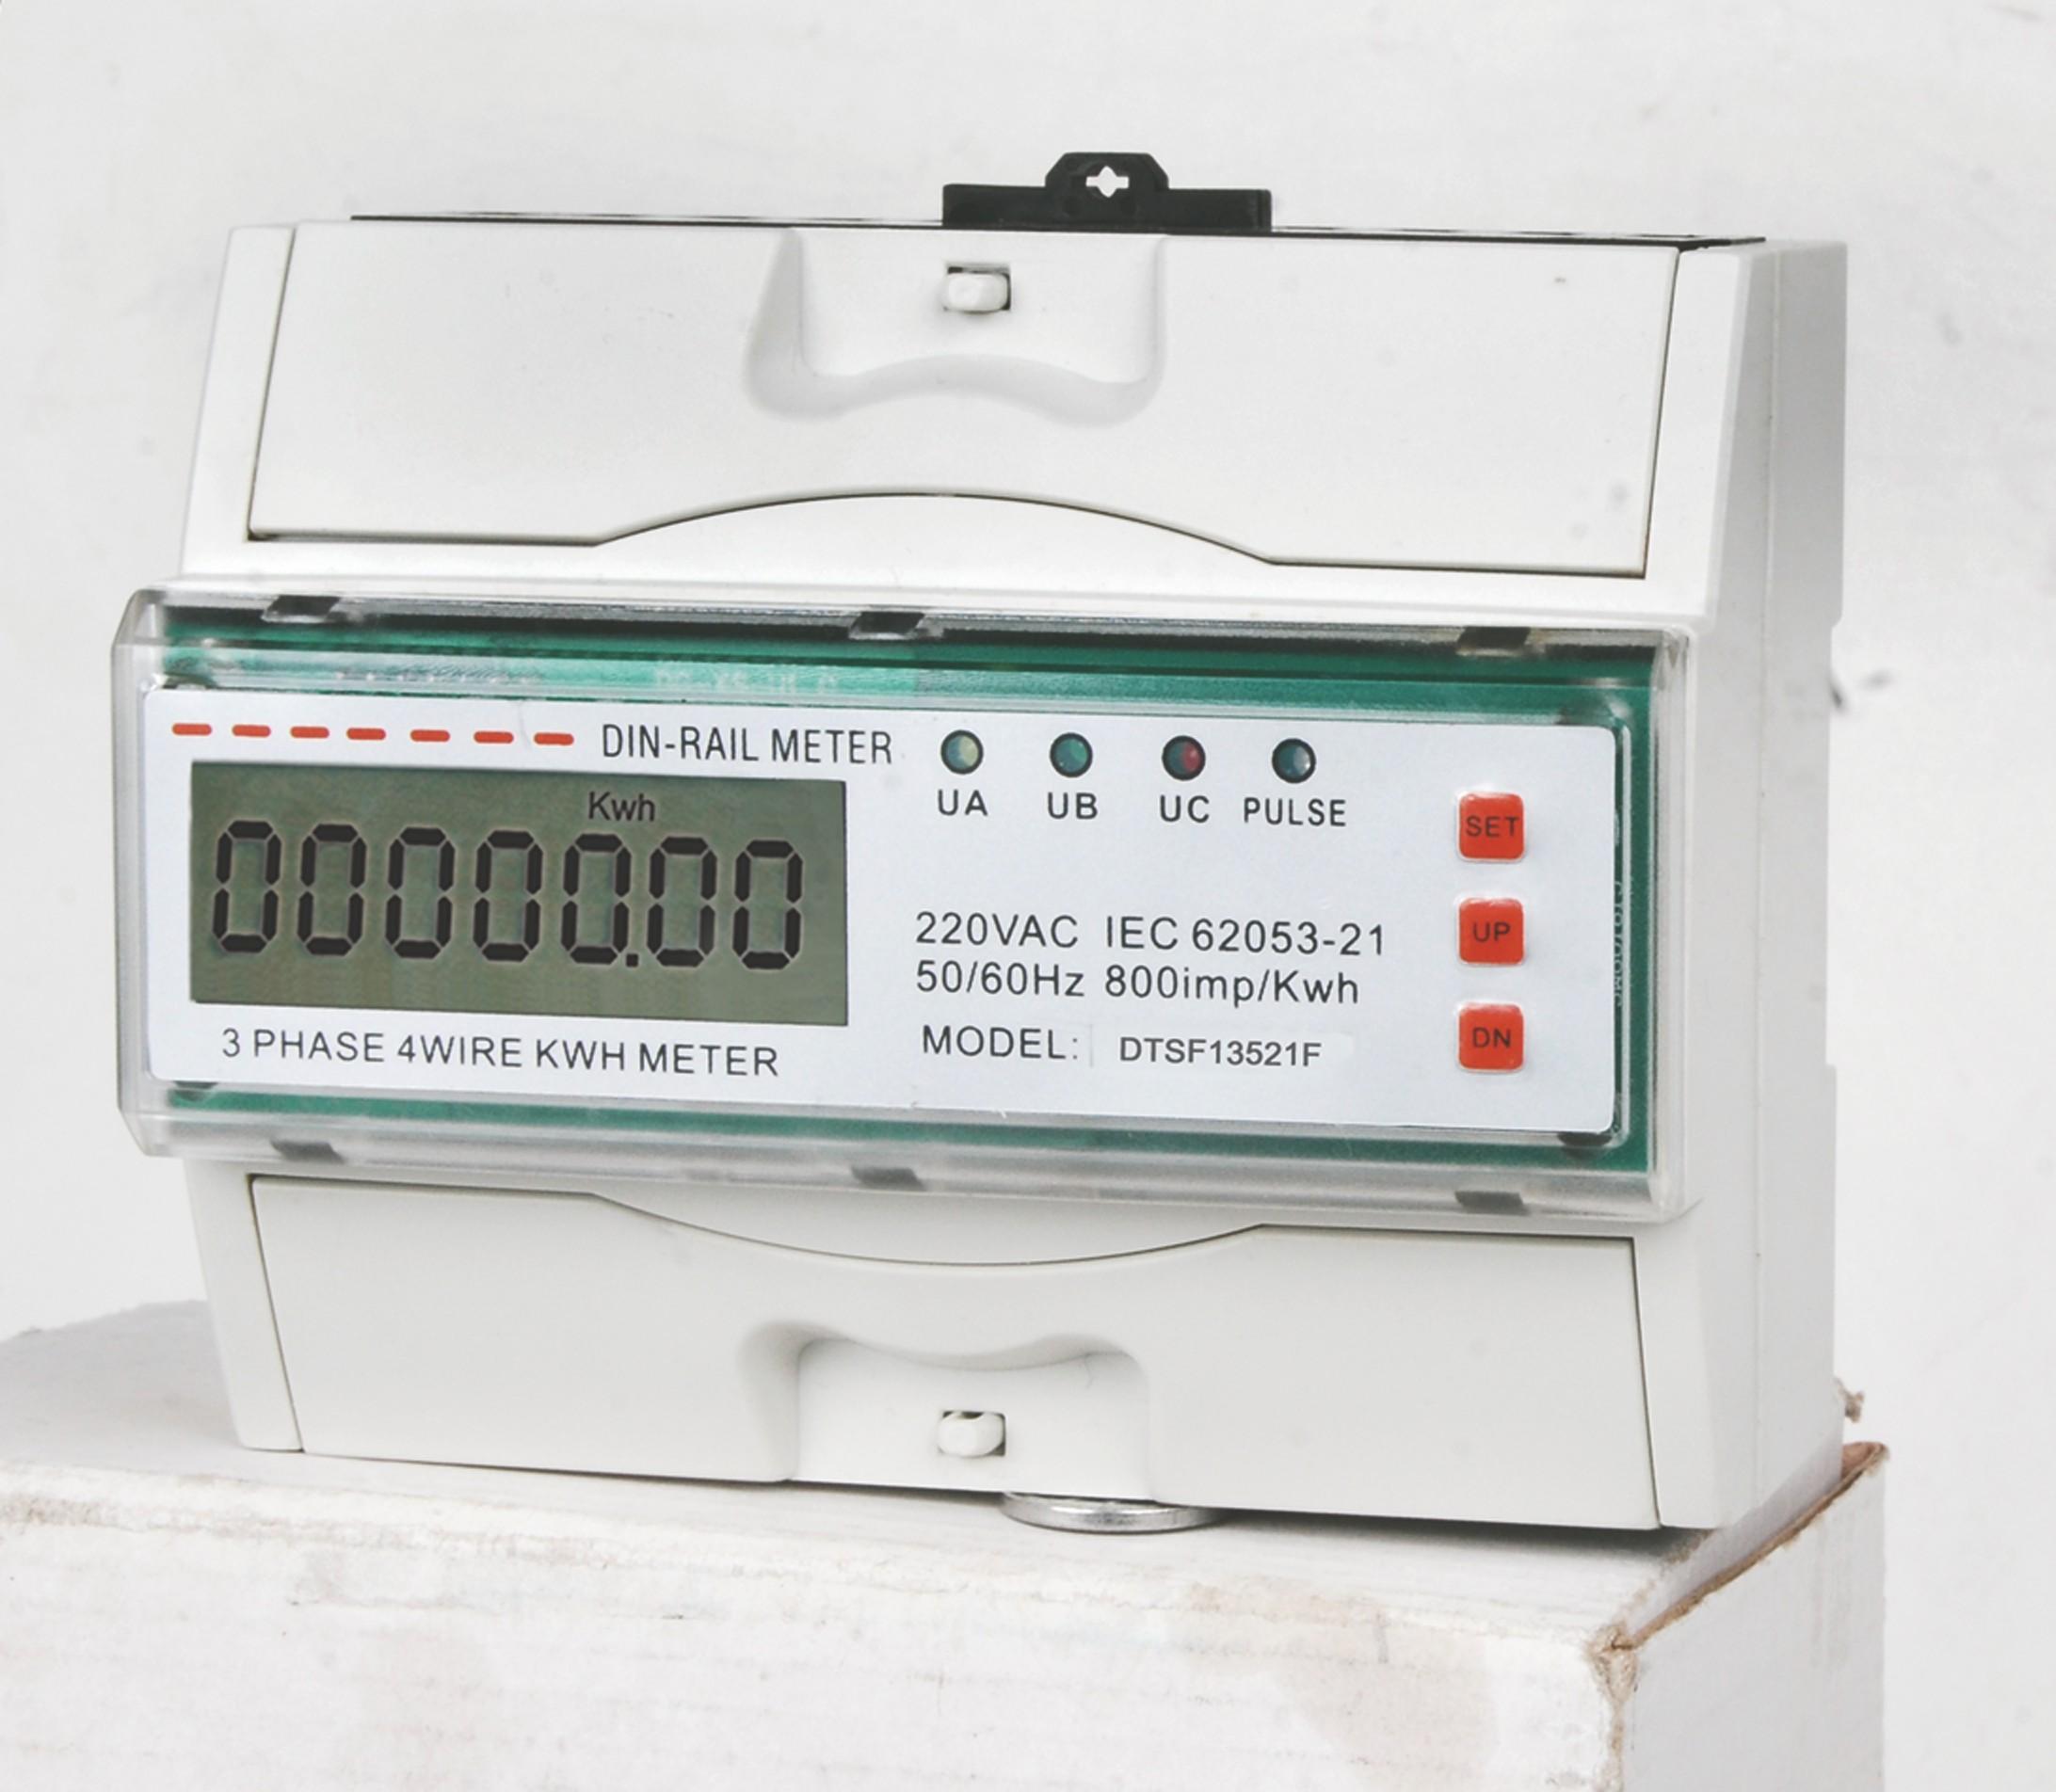 温州高性价导轨式电能表哪里买_亳州导轨式电能表,导轨式电度表,导轨